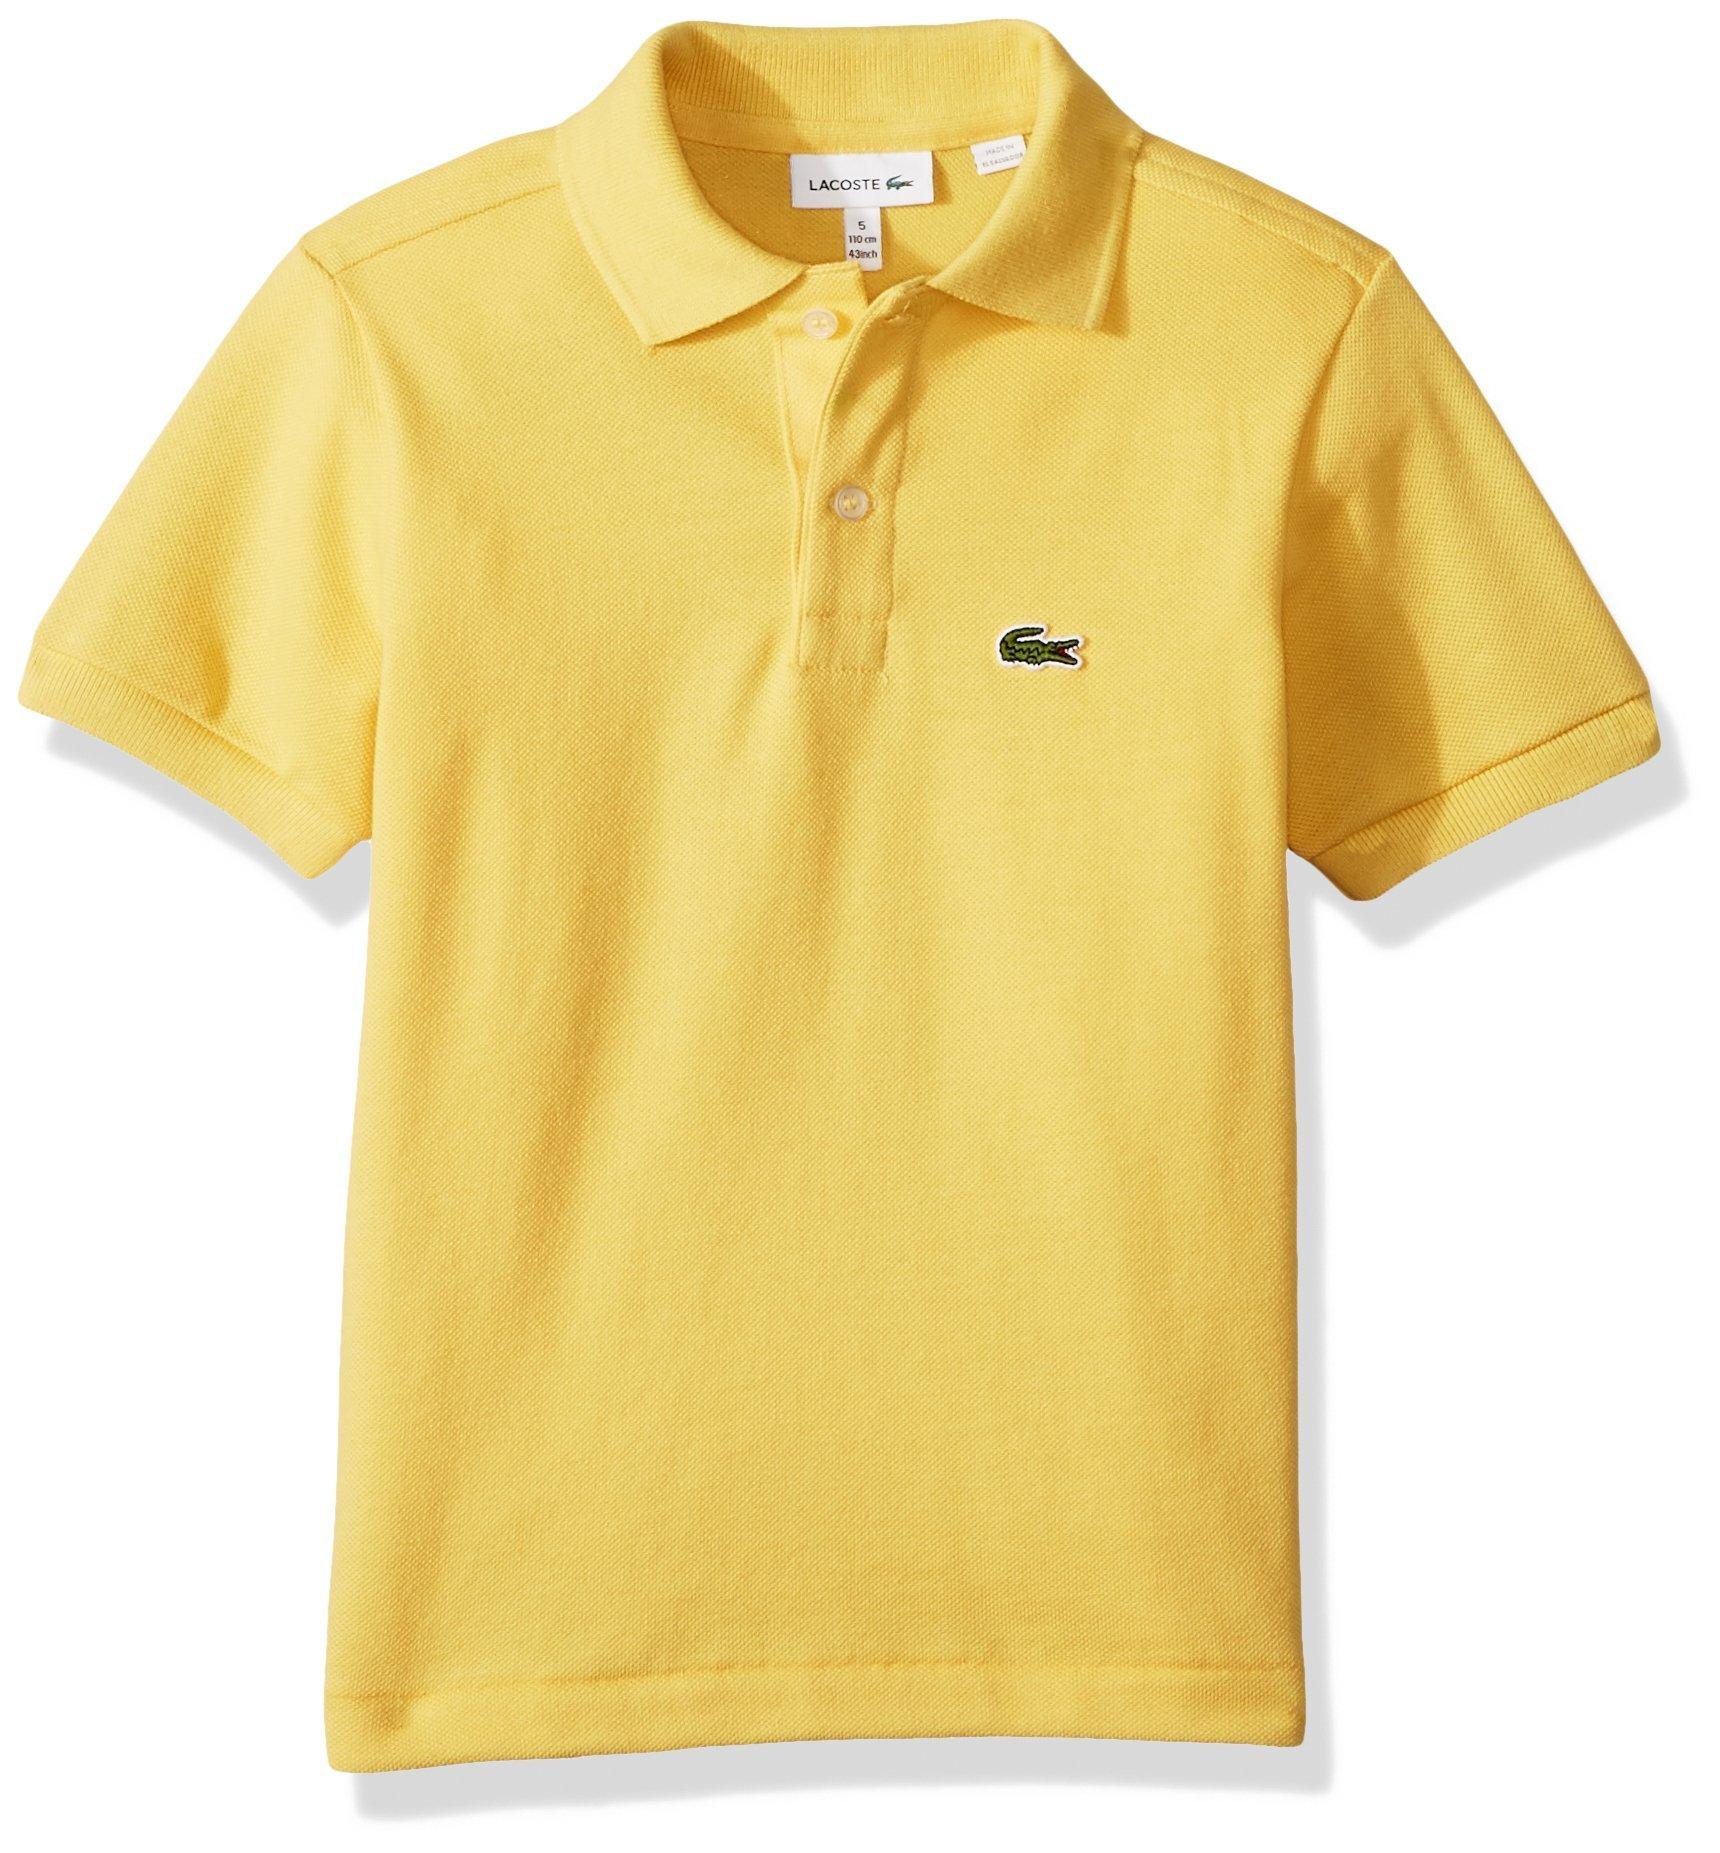 Lacoste Little Boys' Short Sleeve Classic Pique Polo, Banana, 6